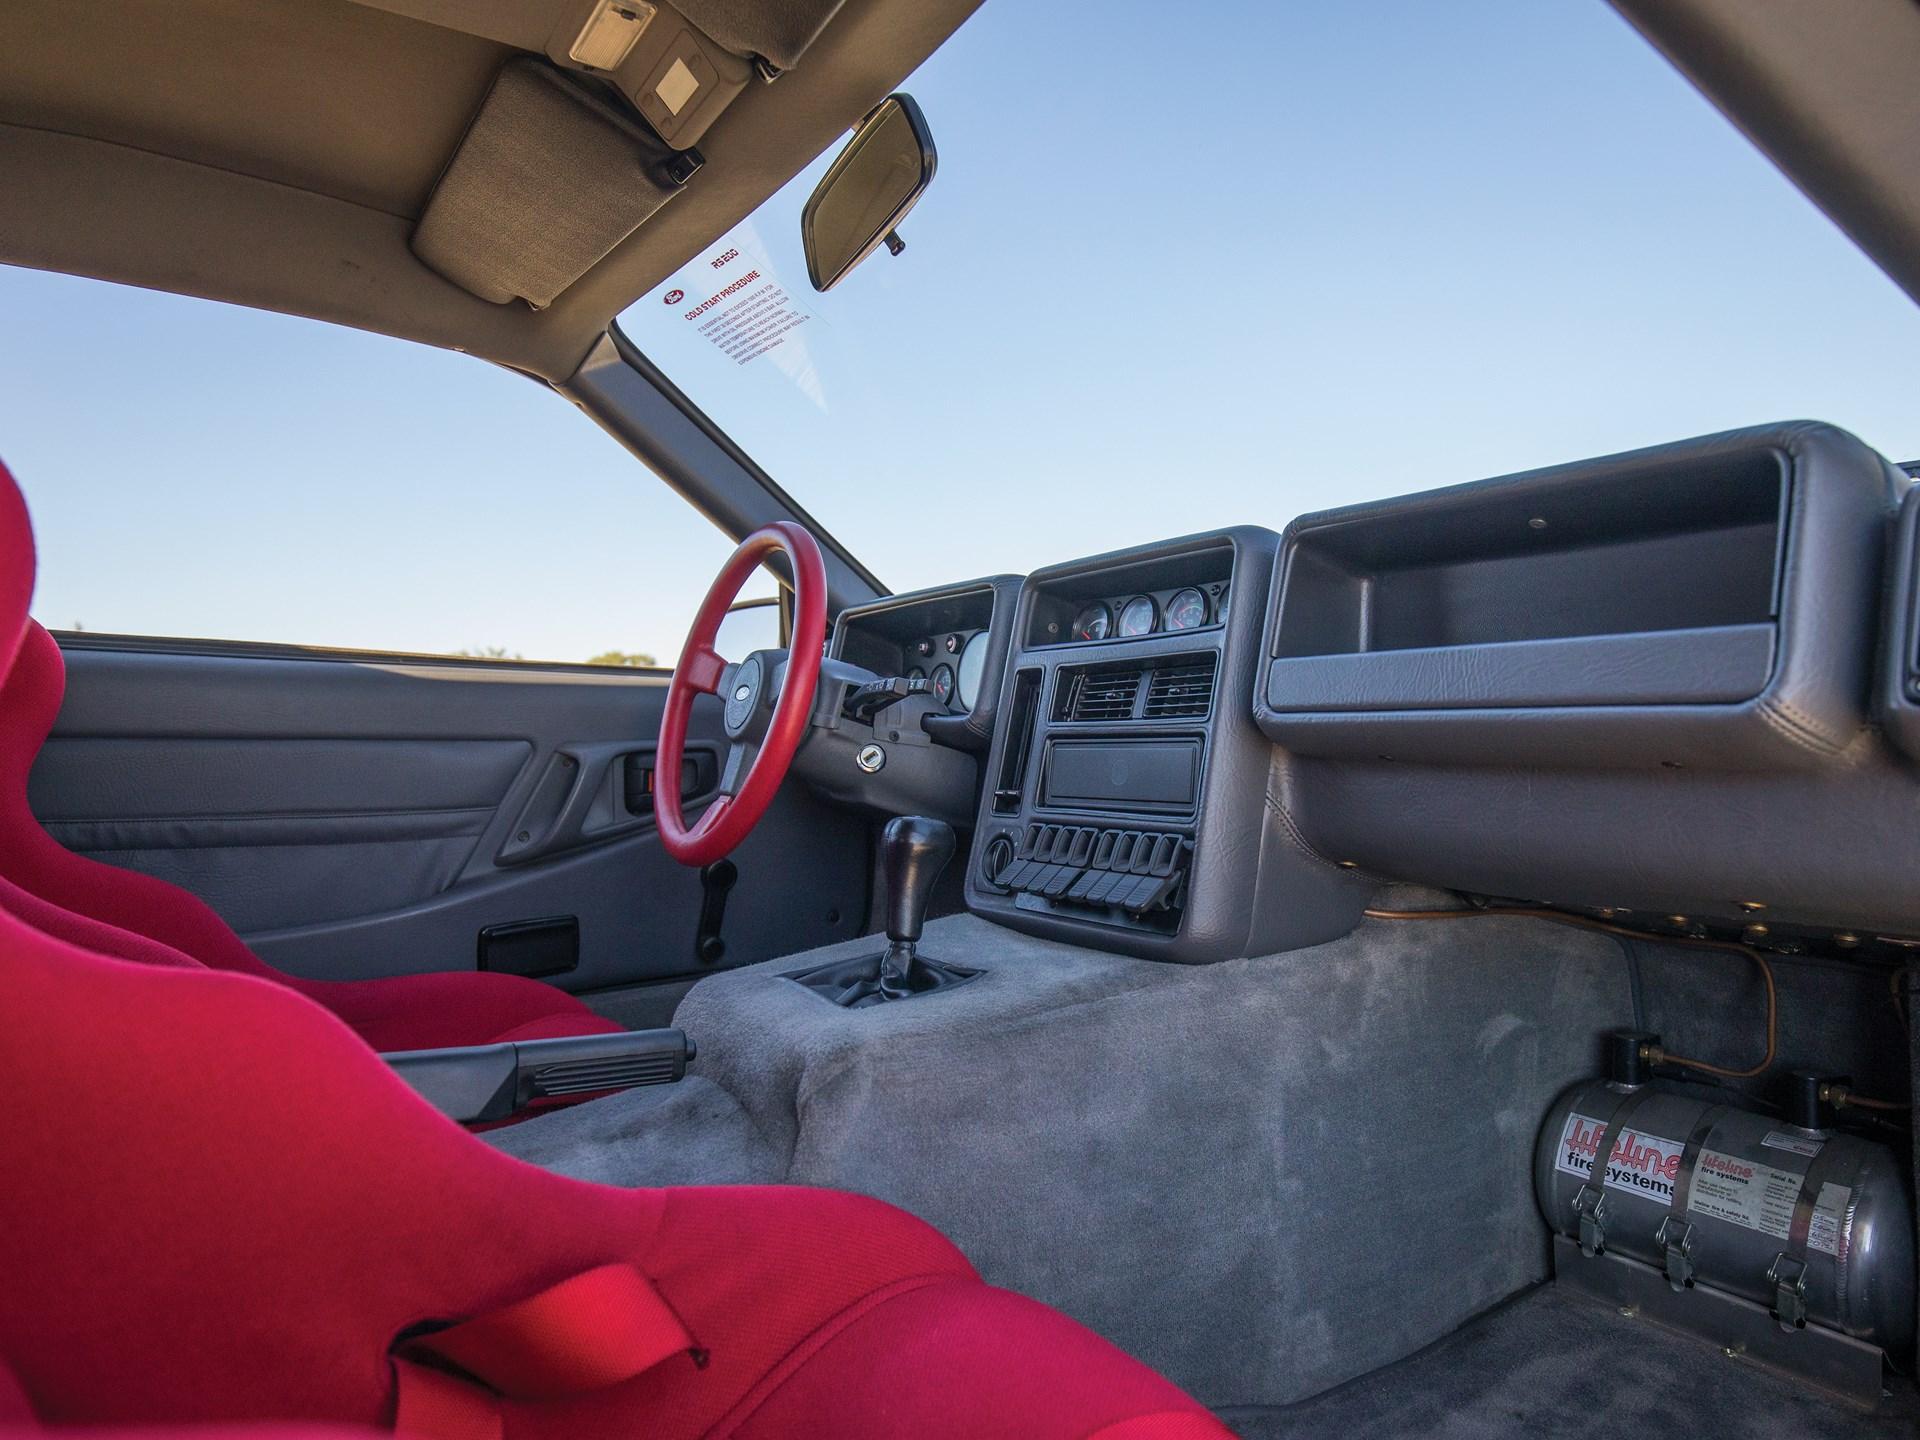 1986 Ford RS200 Evolution interior passenger